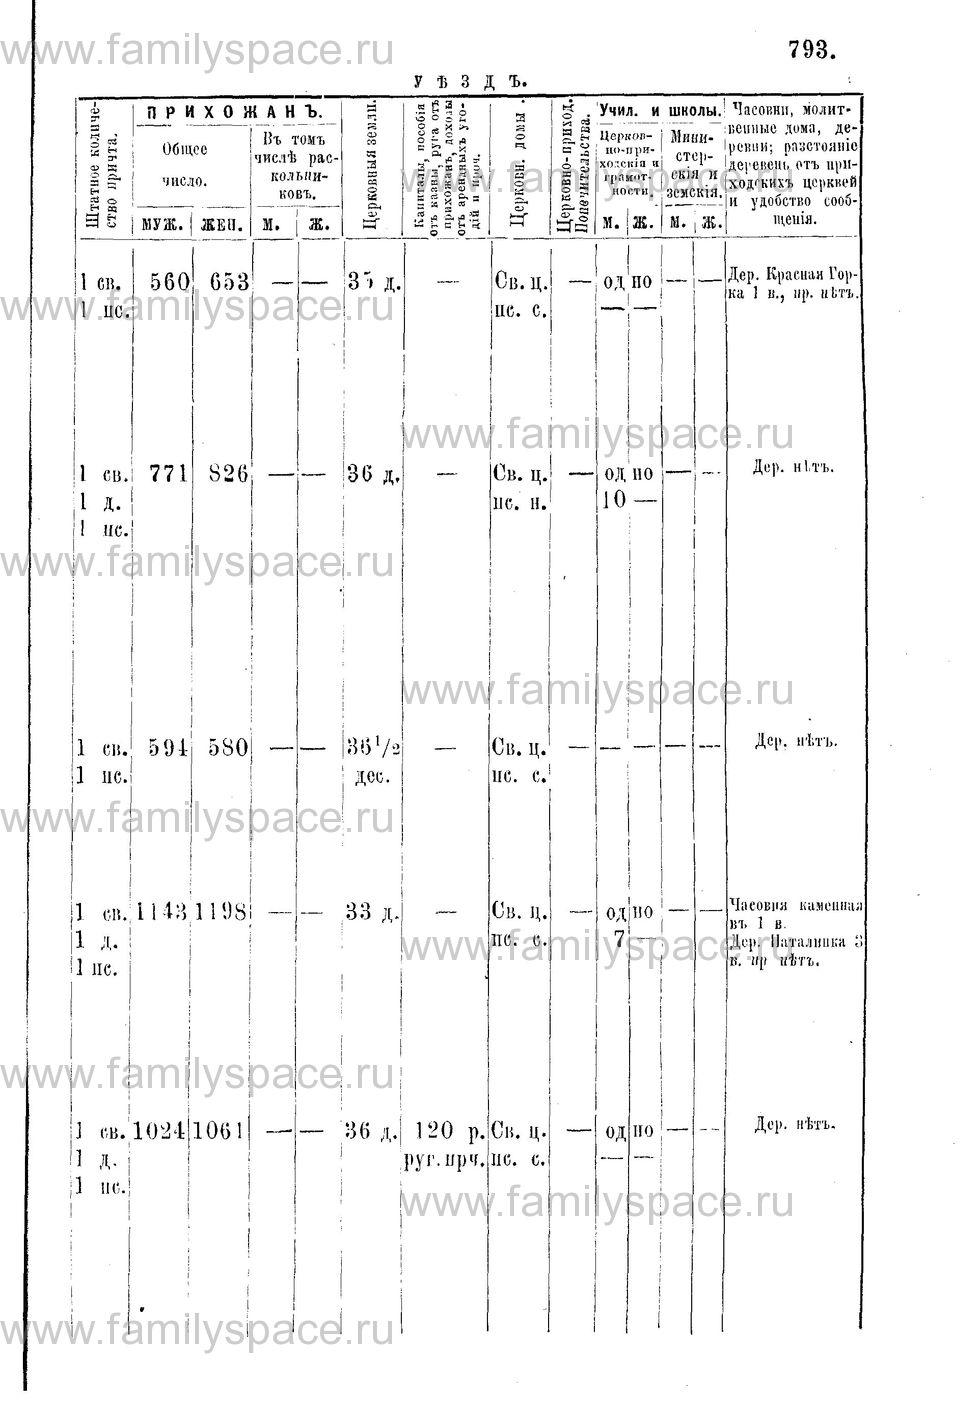 Поиск по фамилии - Адрес-календарь Нижегородской епархии на 1888 год, страница 1793